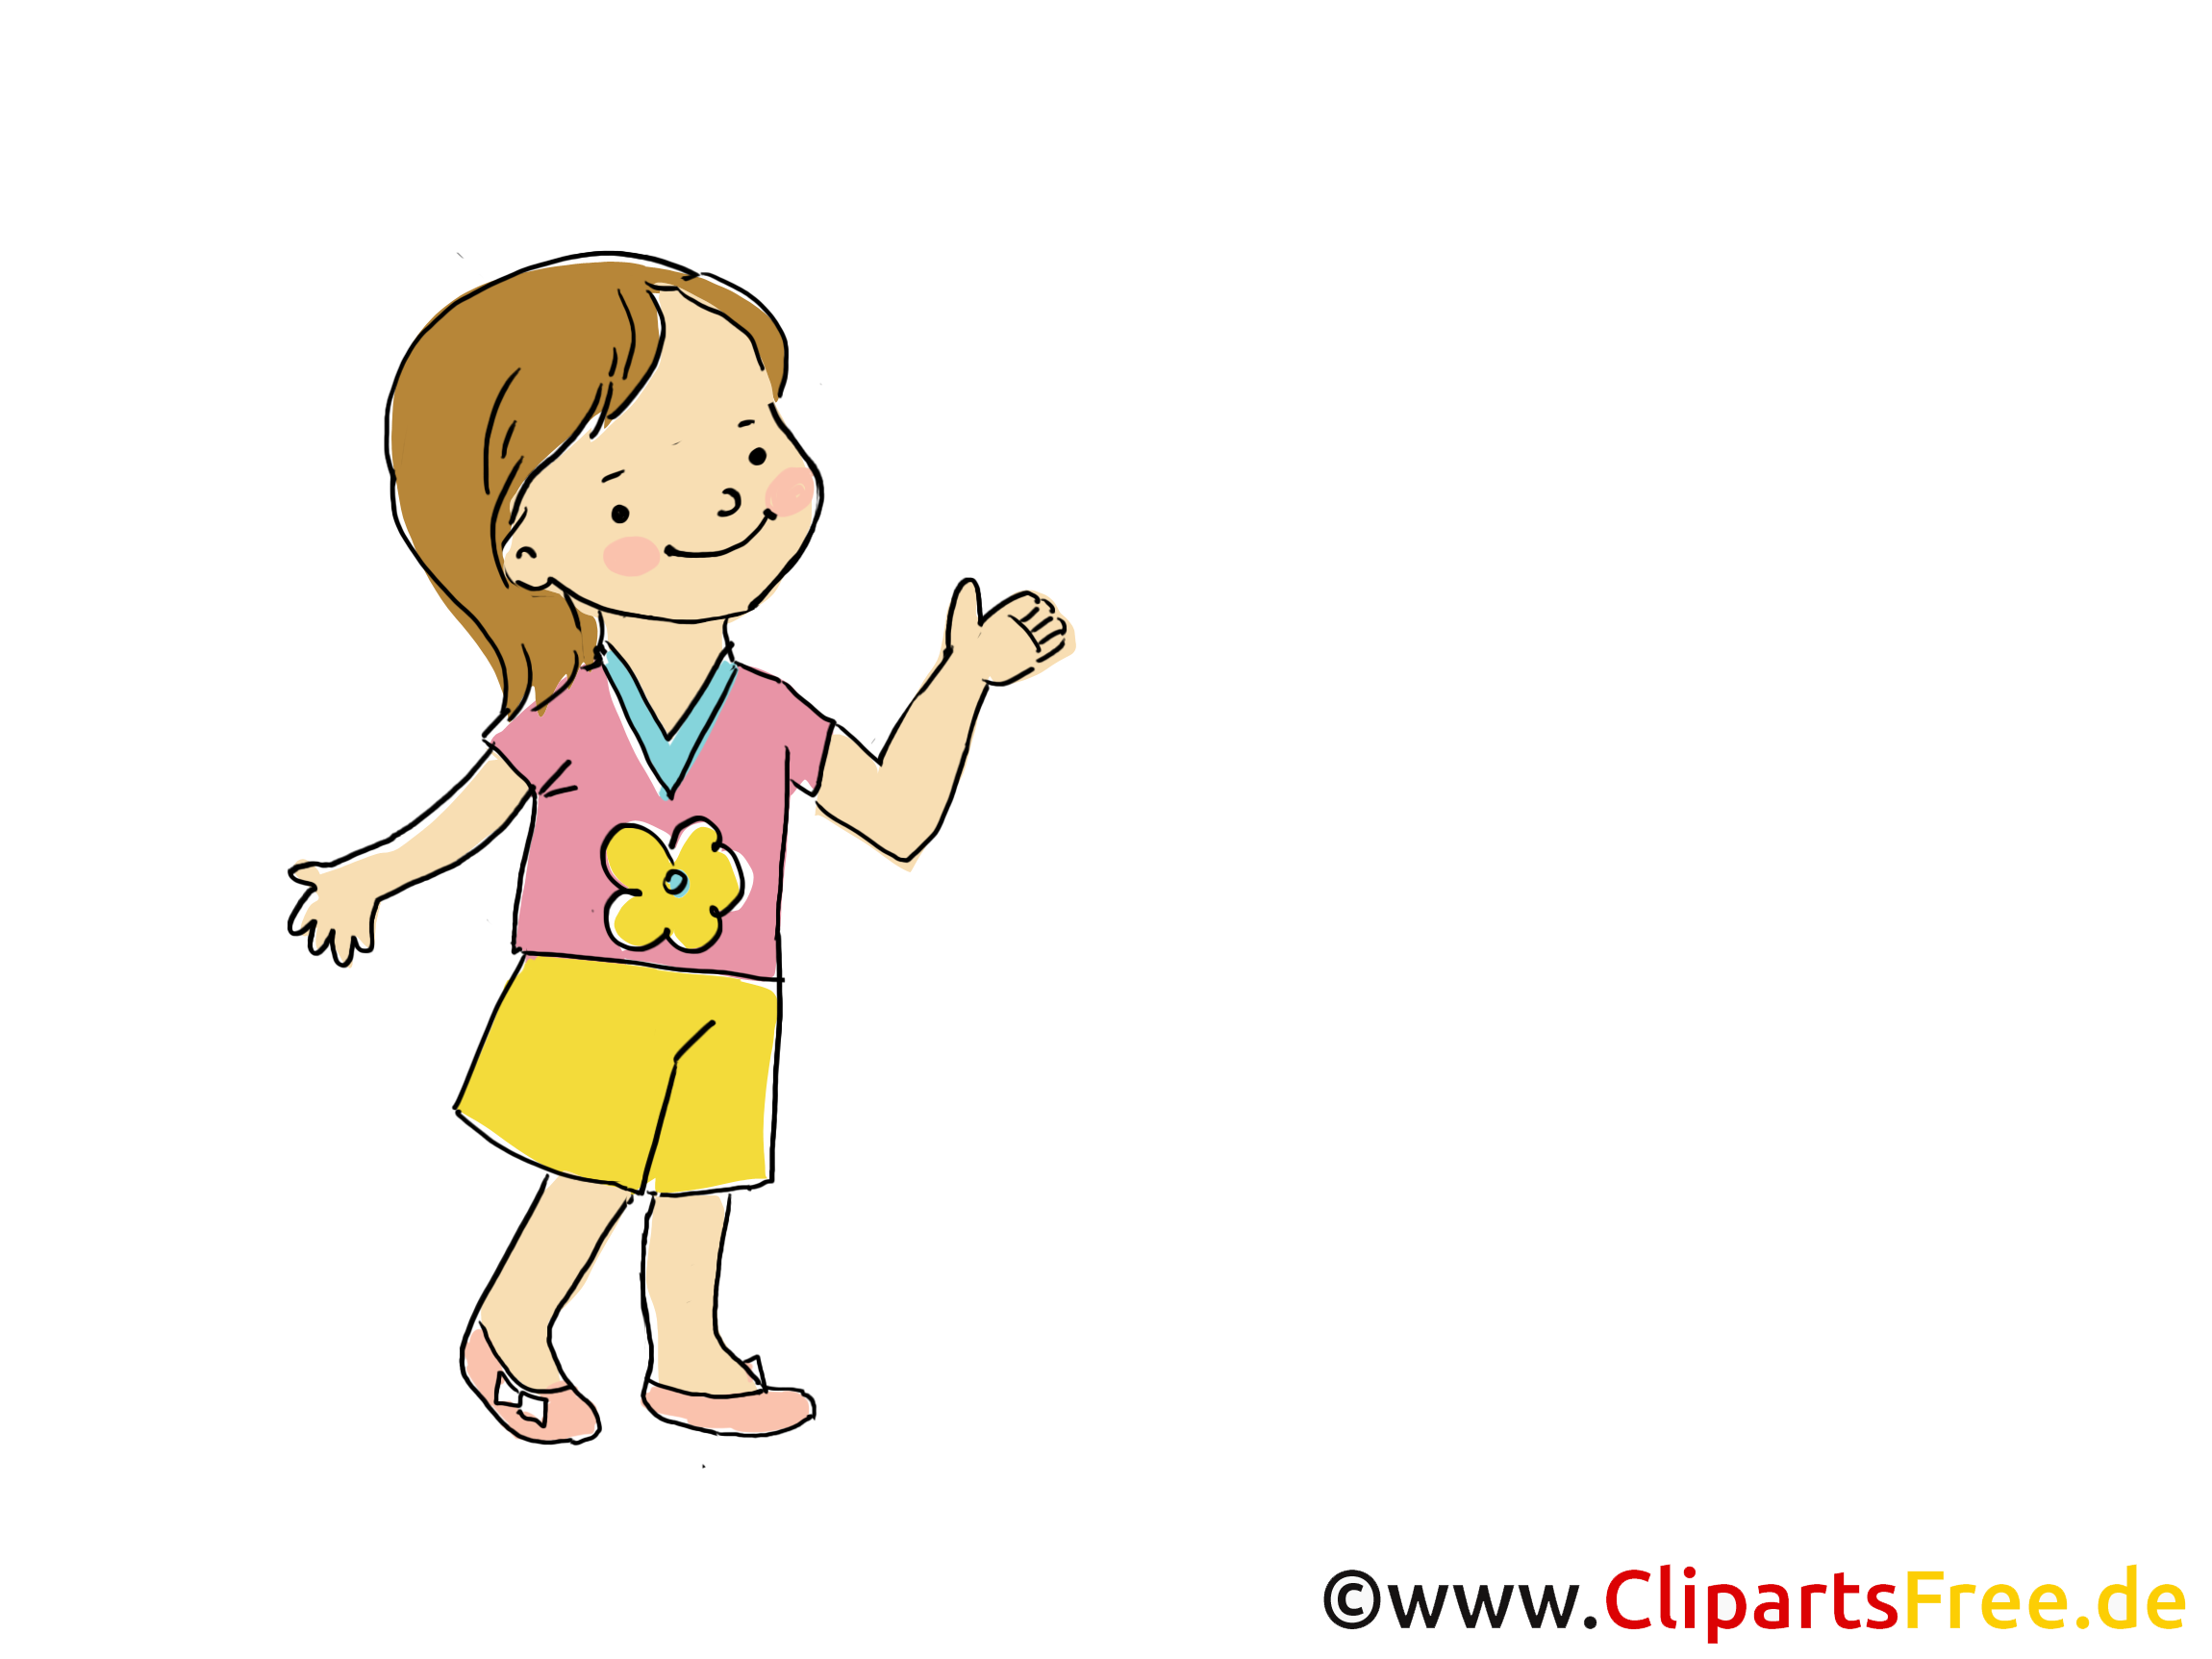 Petite fille cliparts - Maternelle images gratuites